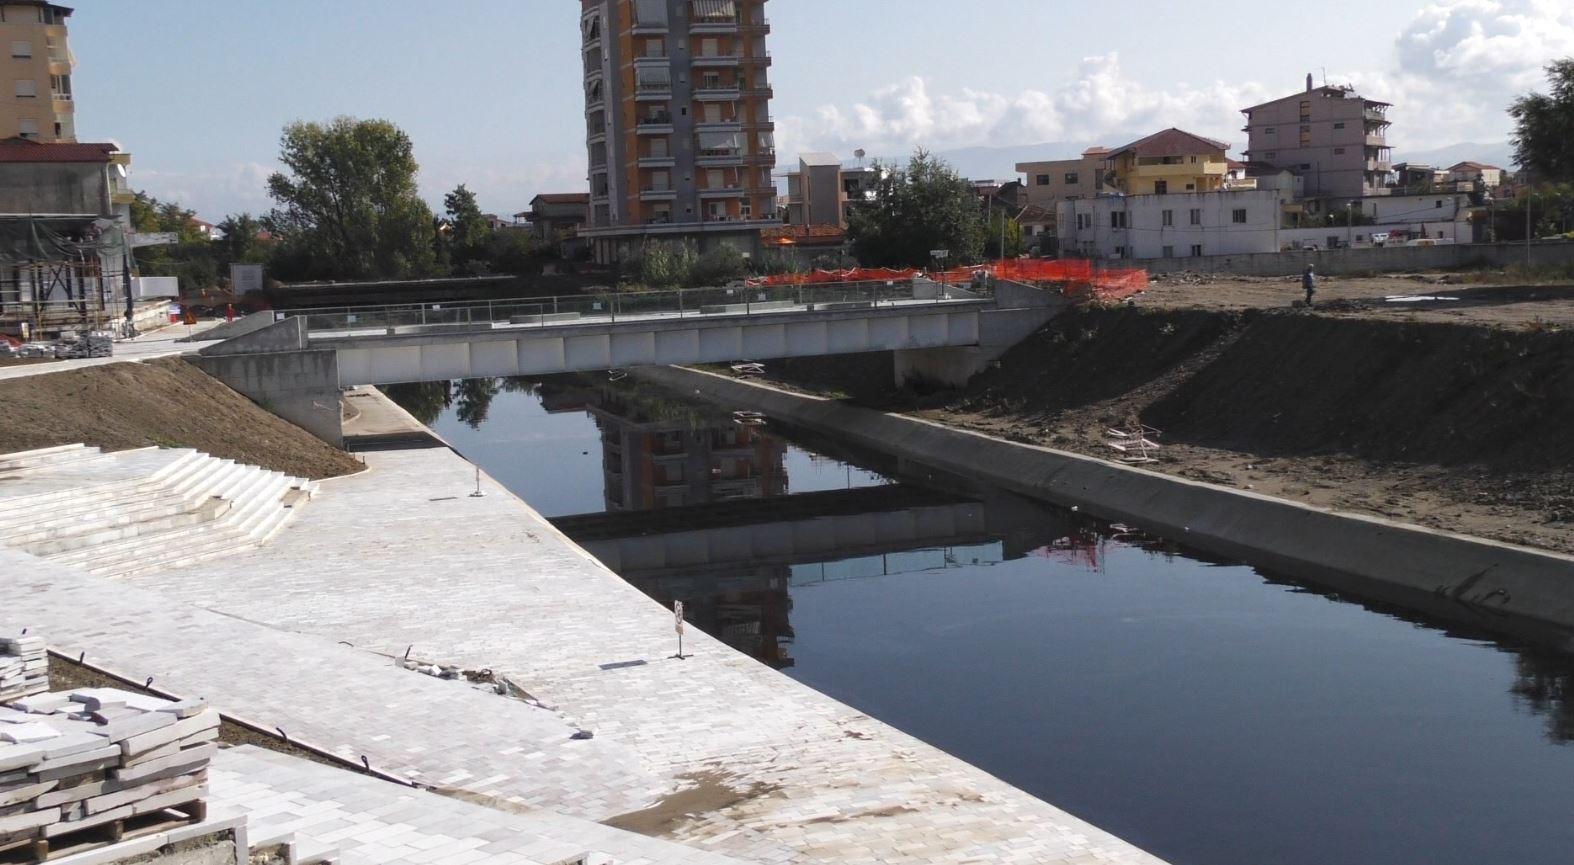 Fier, rehabilitimi i qendrës transformon urat mbi Gjanicë